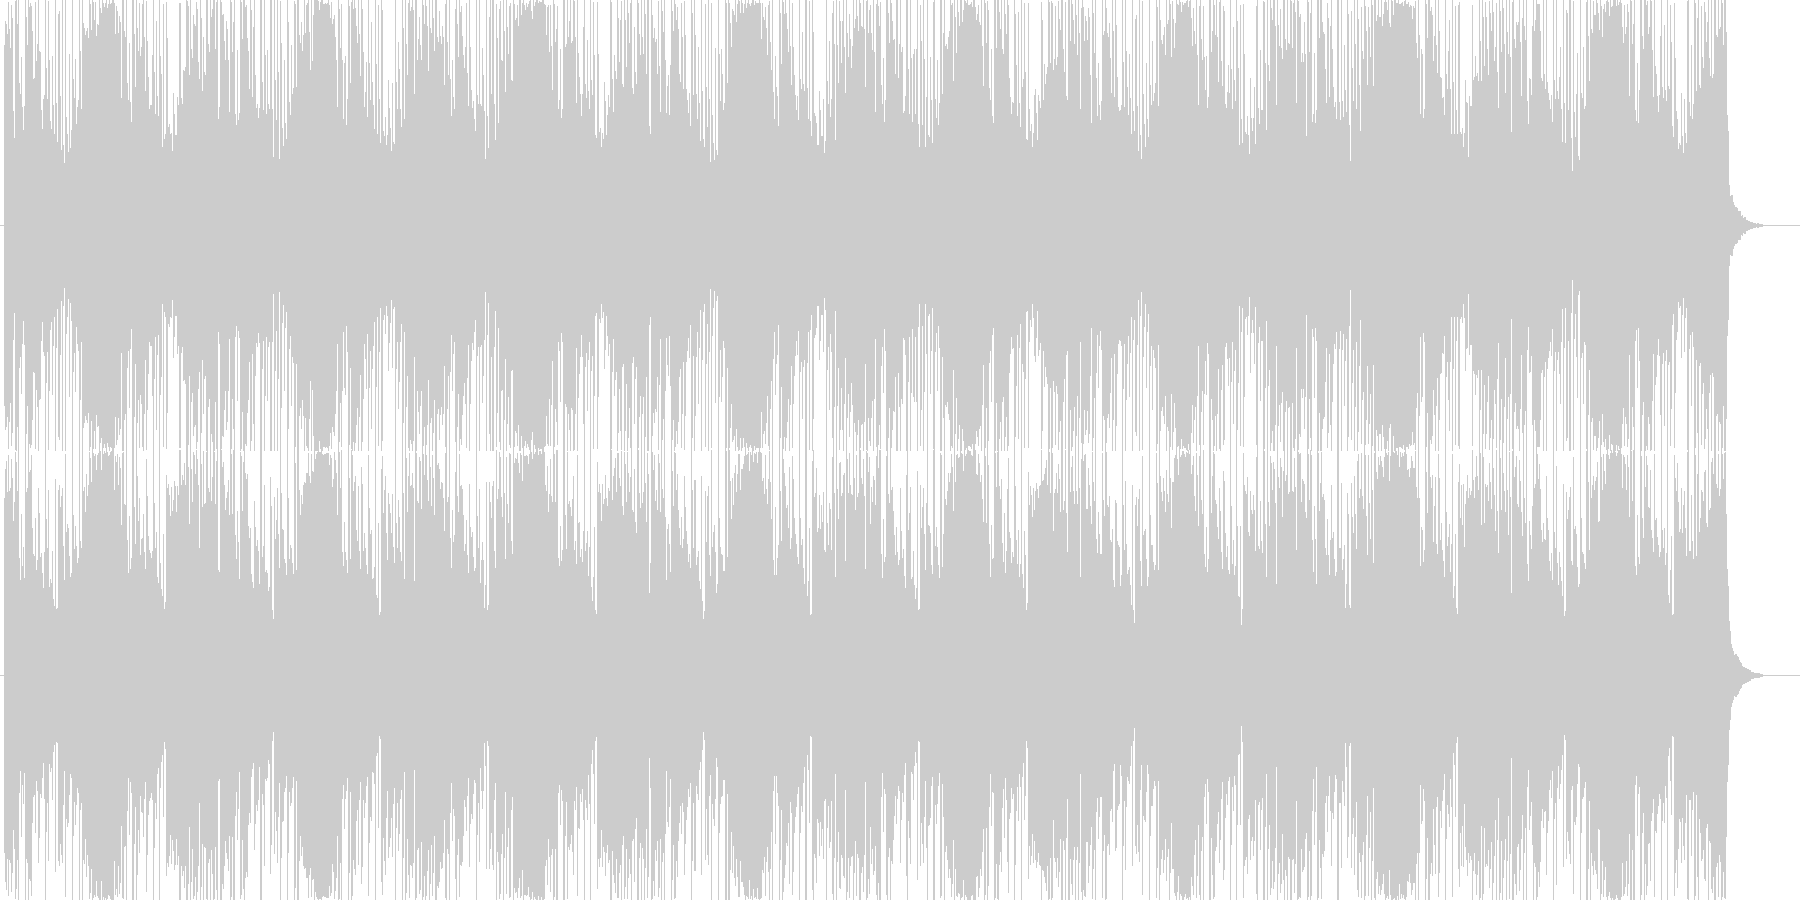 ピアノとリズムシーケンスの緊迫系ゲーム曲の未再生の波形